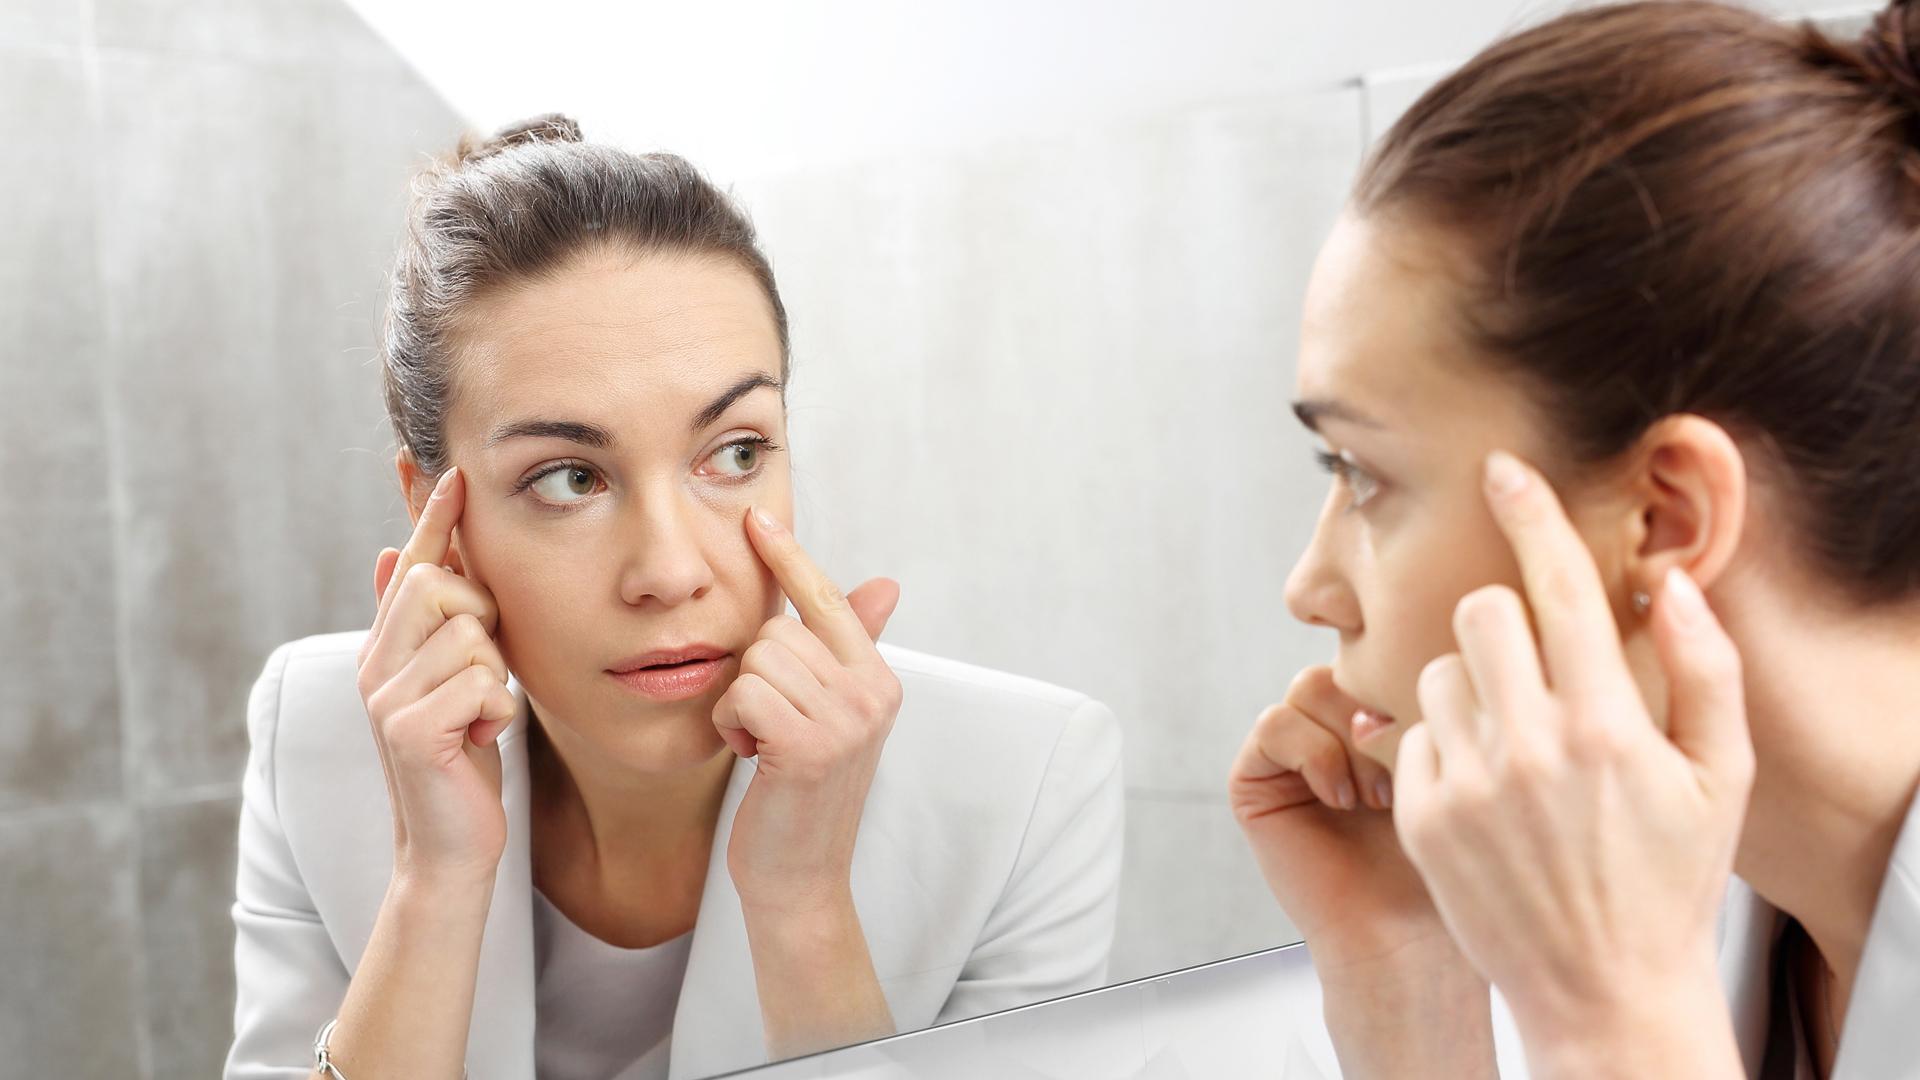 Los alimentos que contribuyen a la belleza de la piel y ayudan a mejorar algunas afecciones (Getty Images)